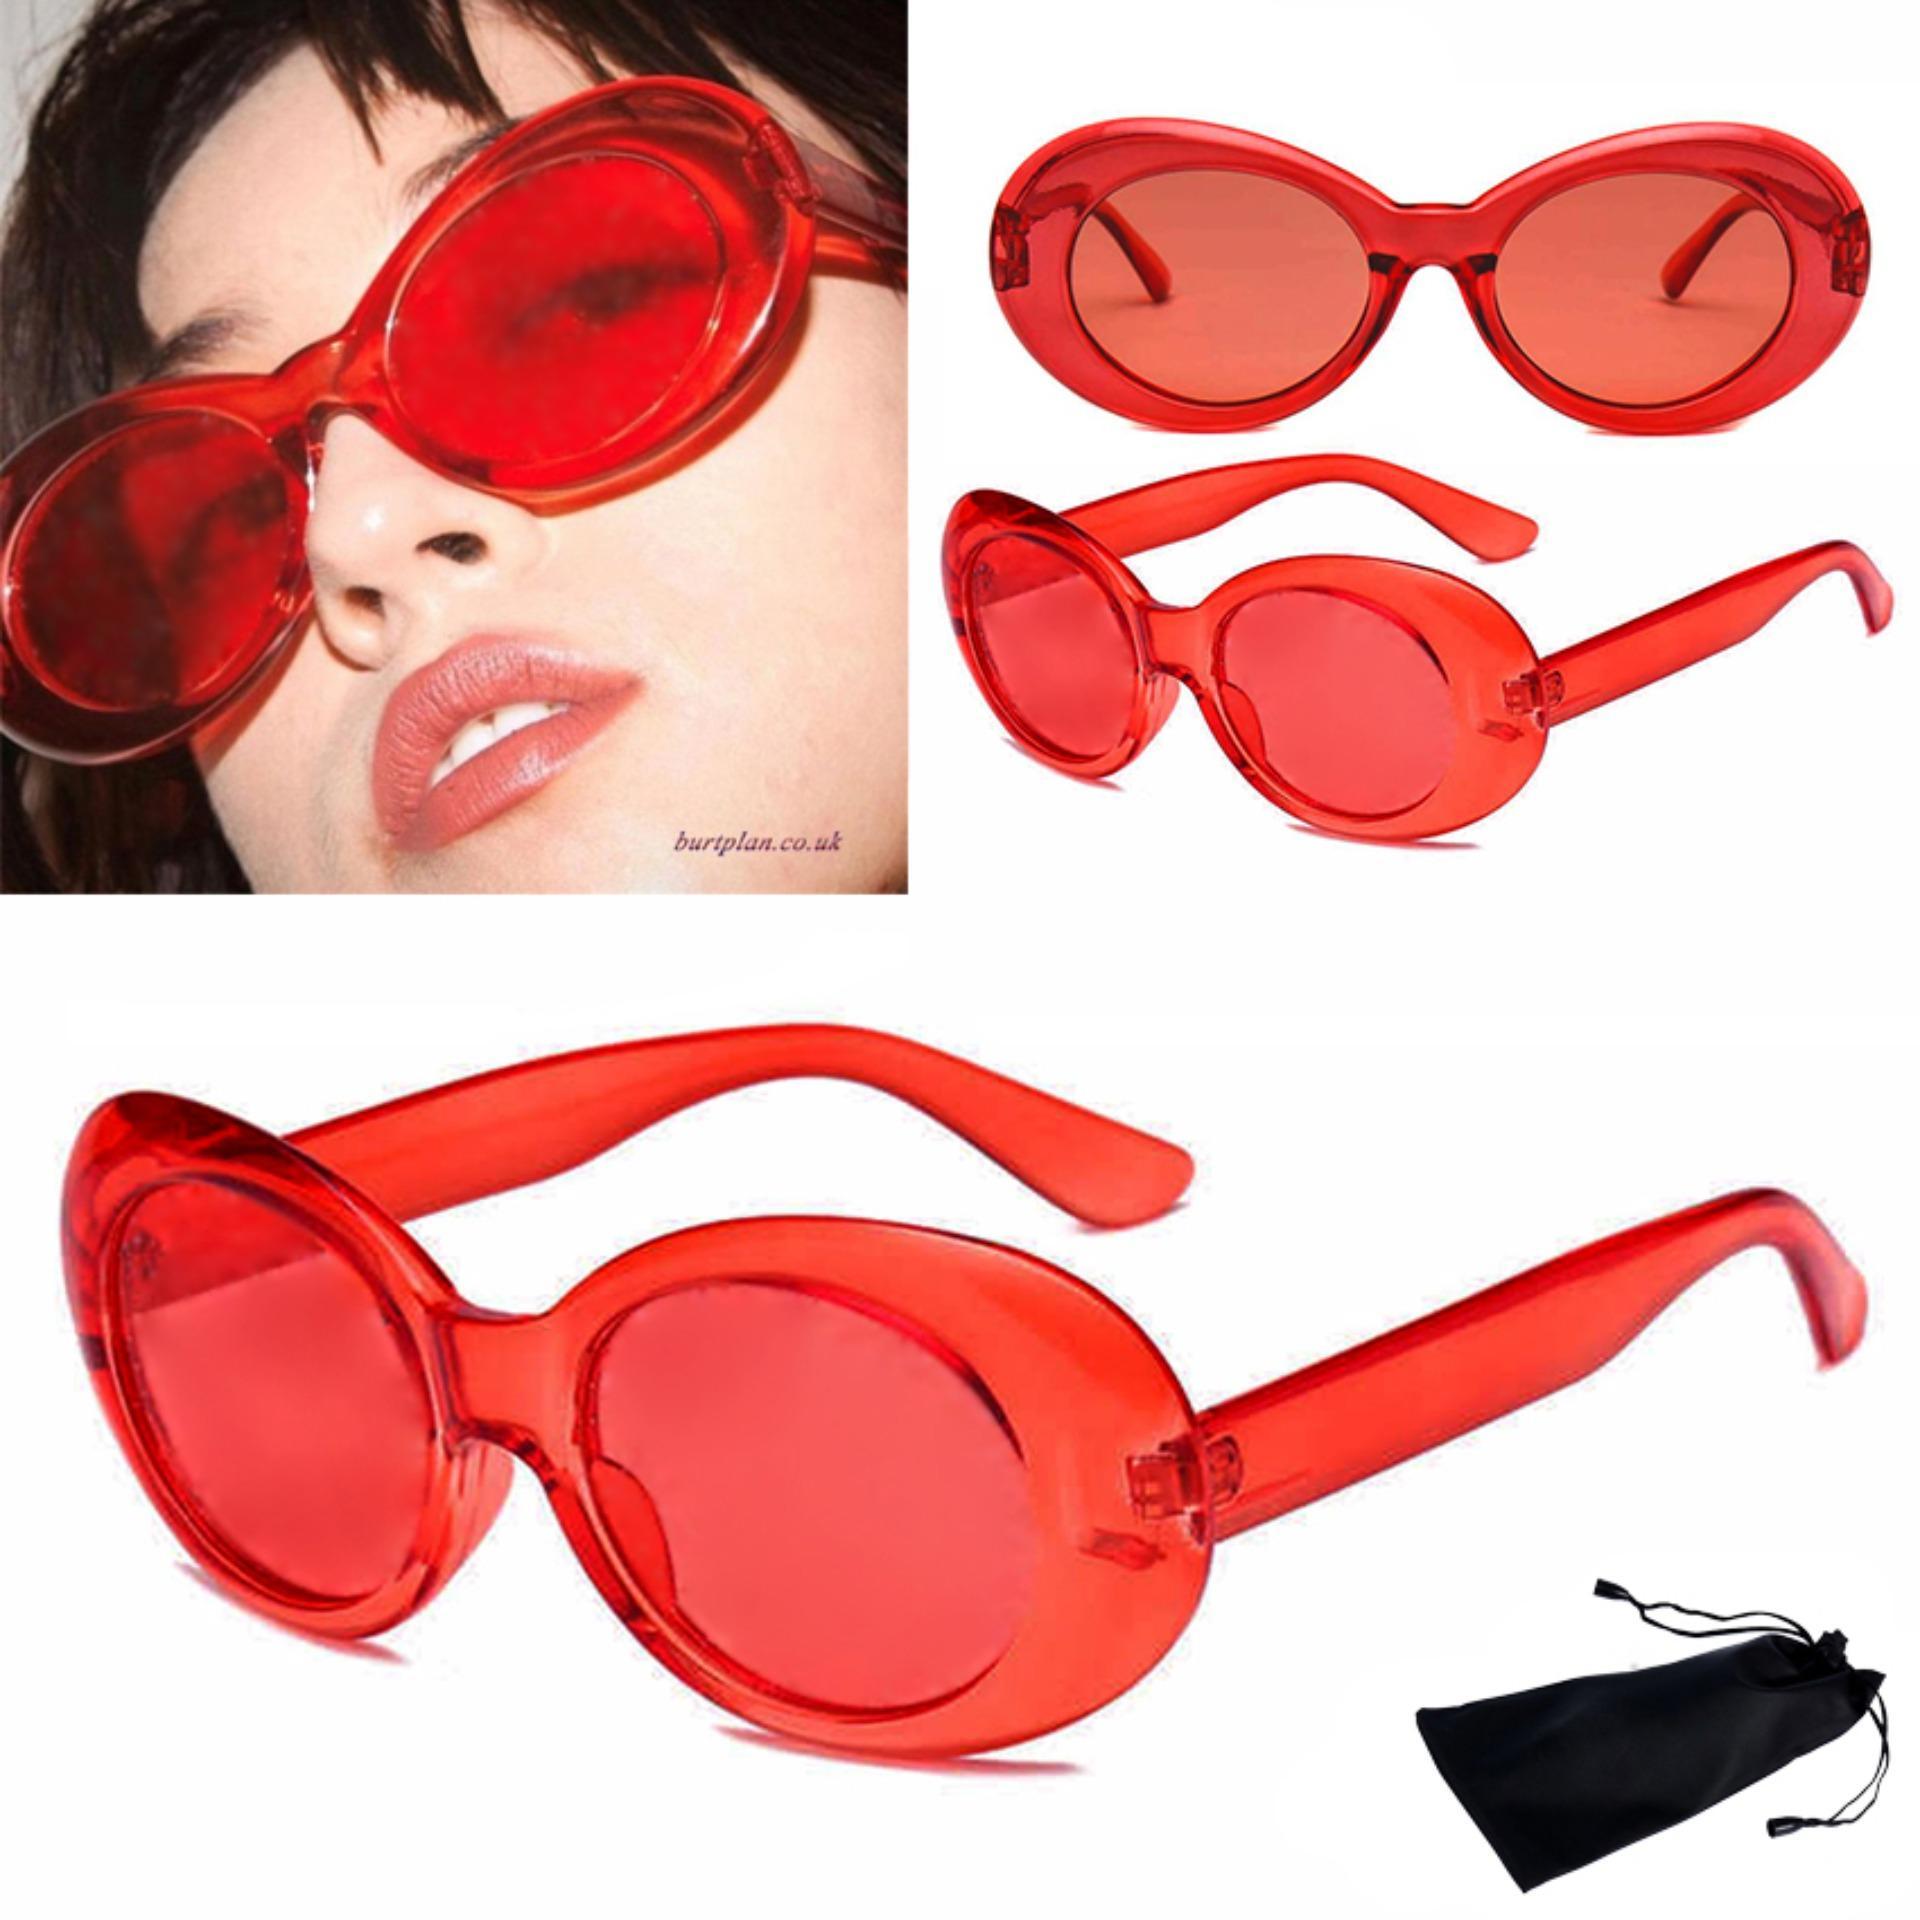 05d8277ae51 Womens Fashion Glasses for sale - Designer Glasses for Women online ...